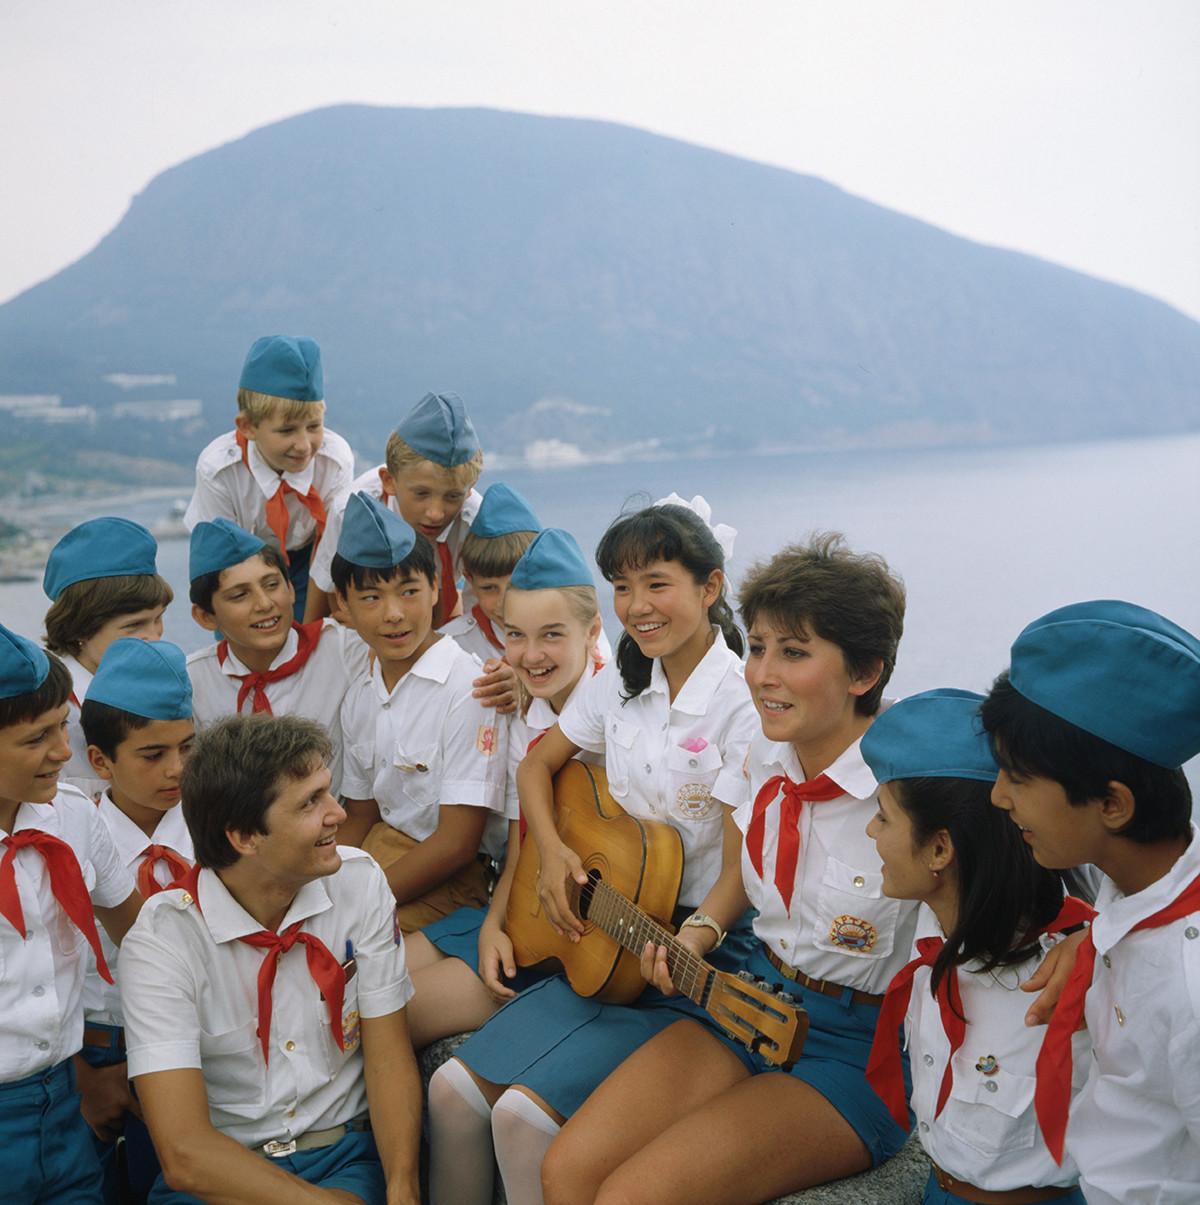 Ljetni kamp Artek na Krimu.